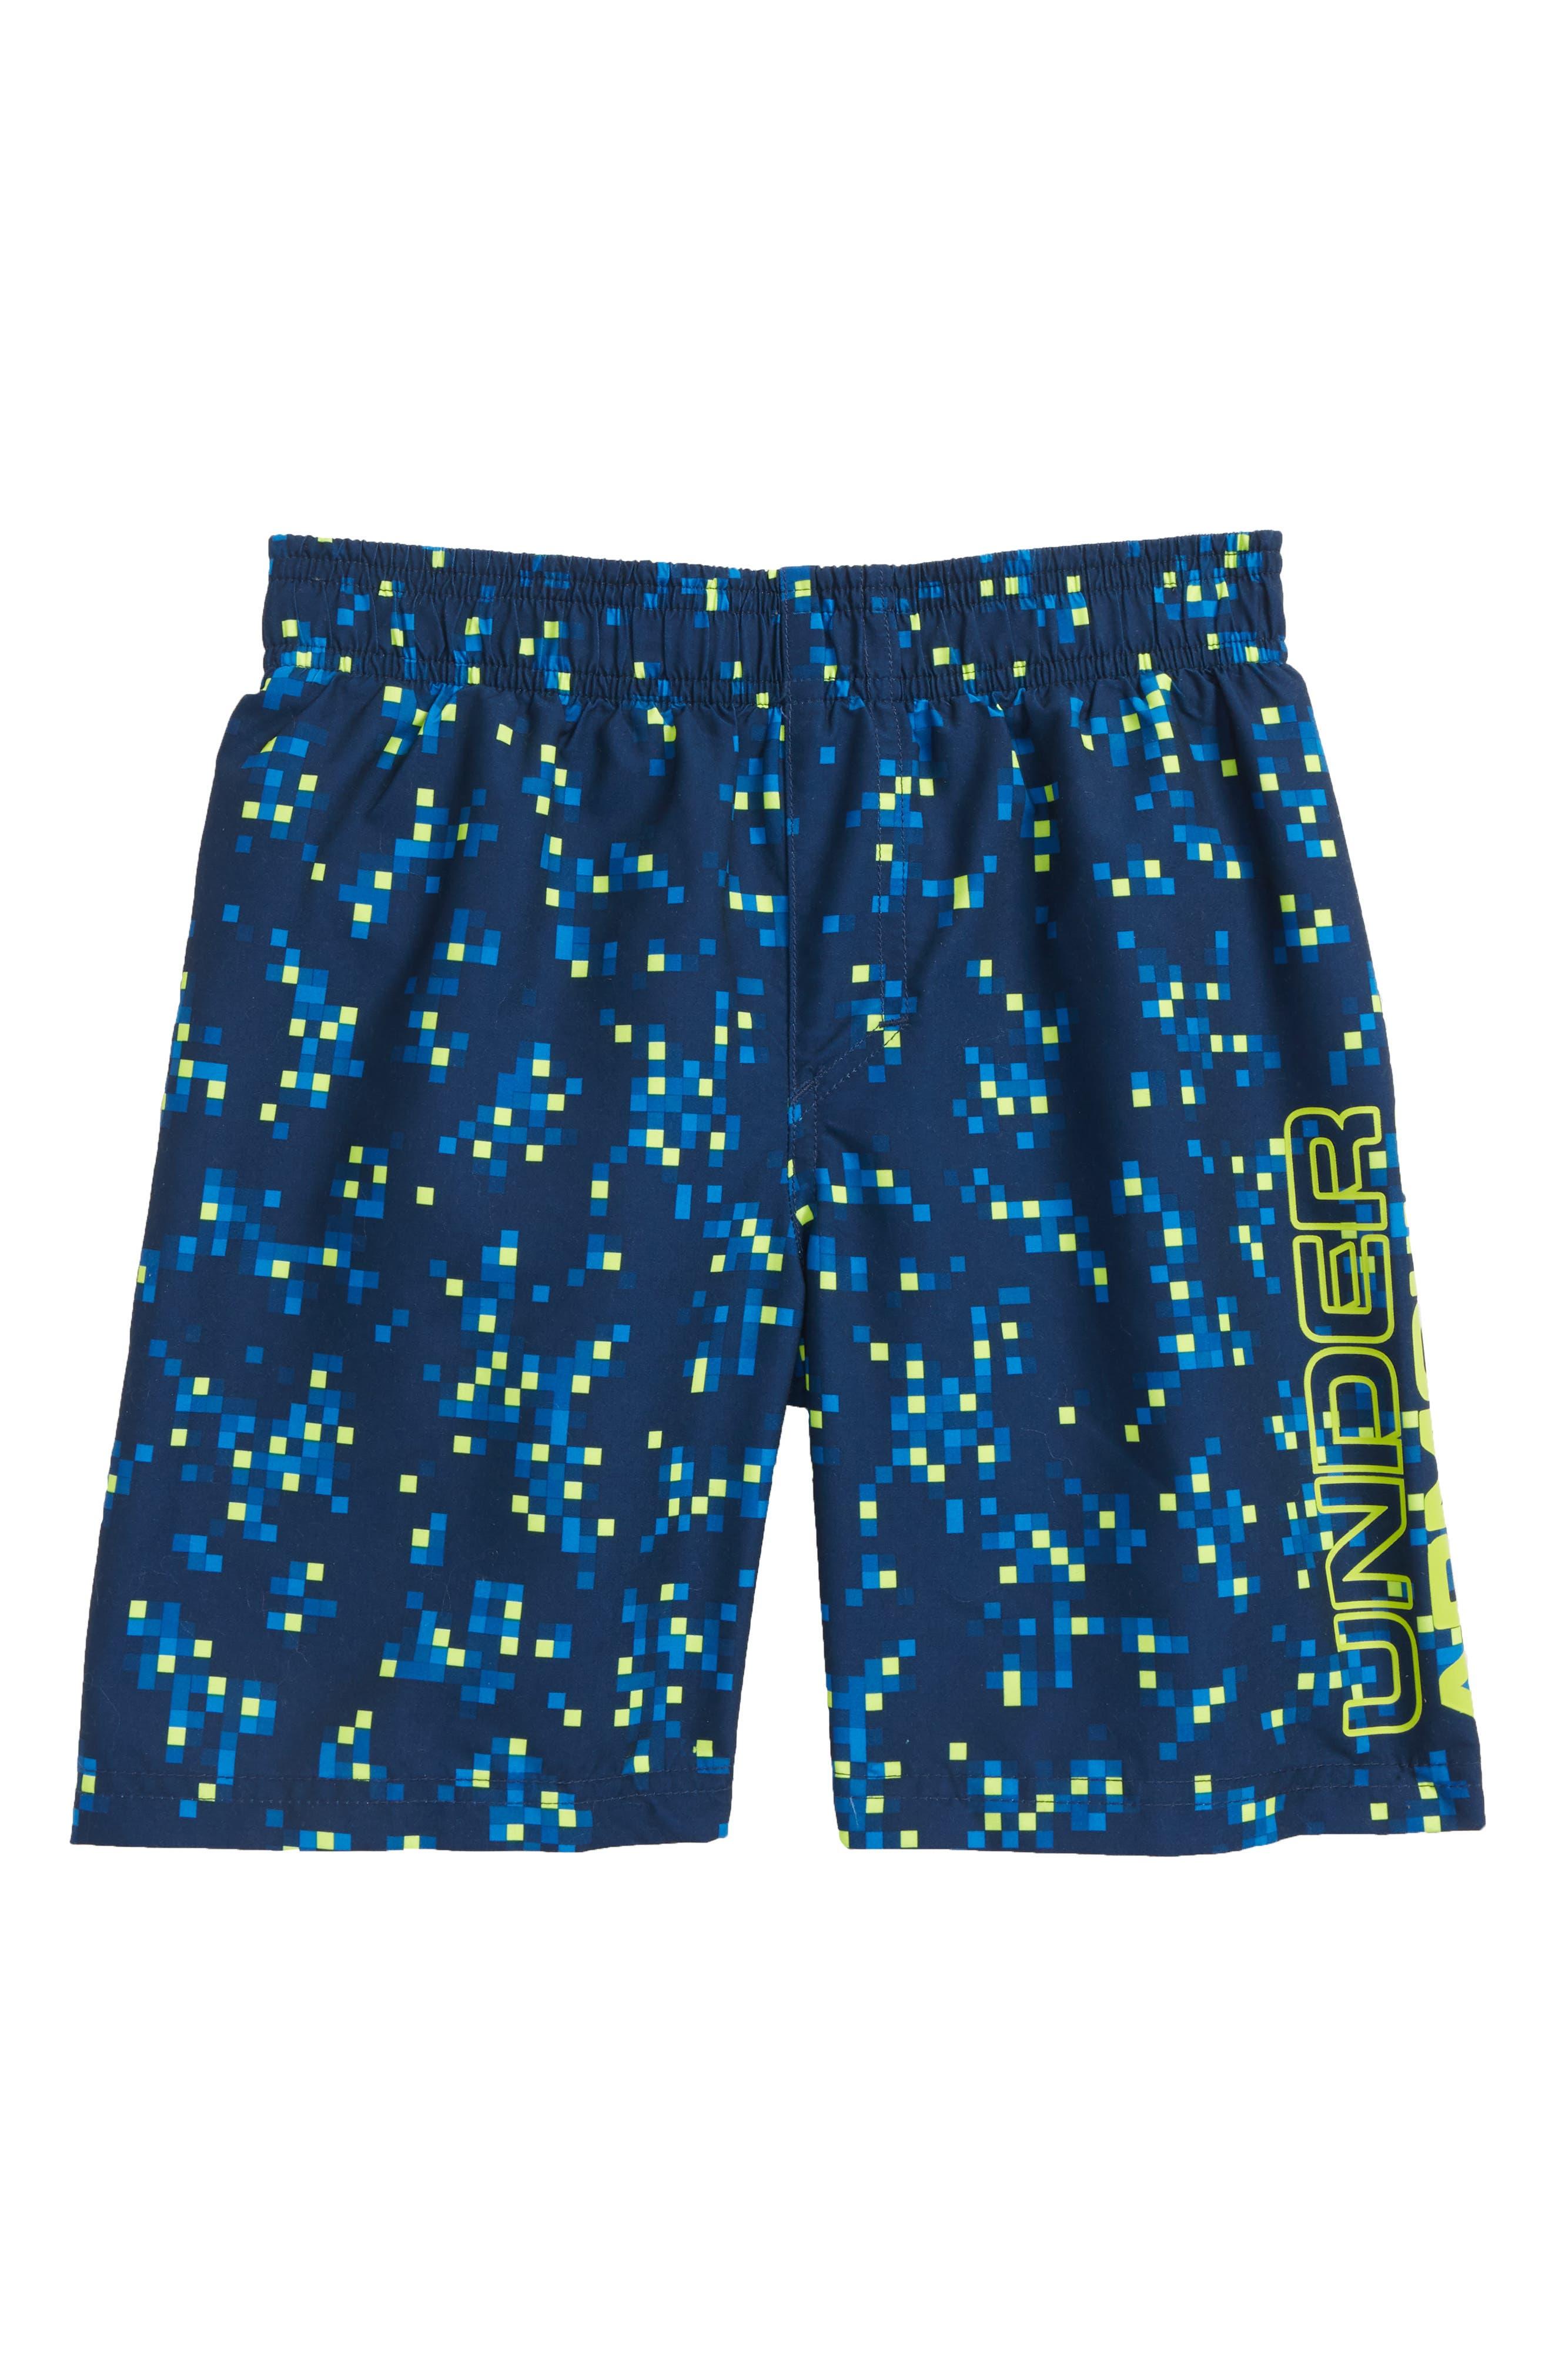 Digi Camo Volley Shorts,                             Main thumbnail 1, color,                             410